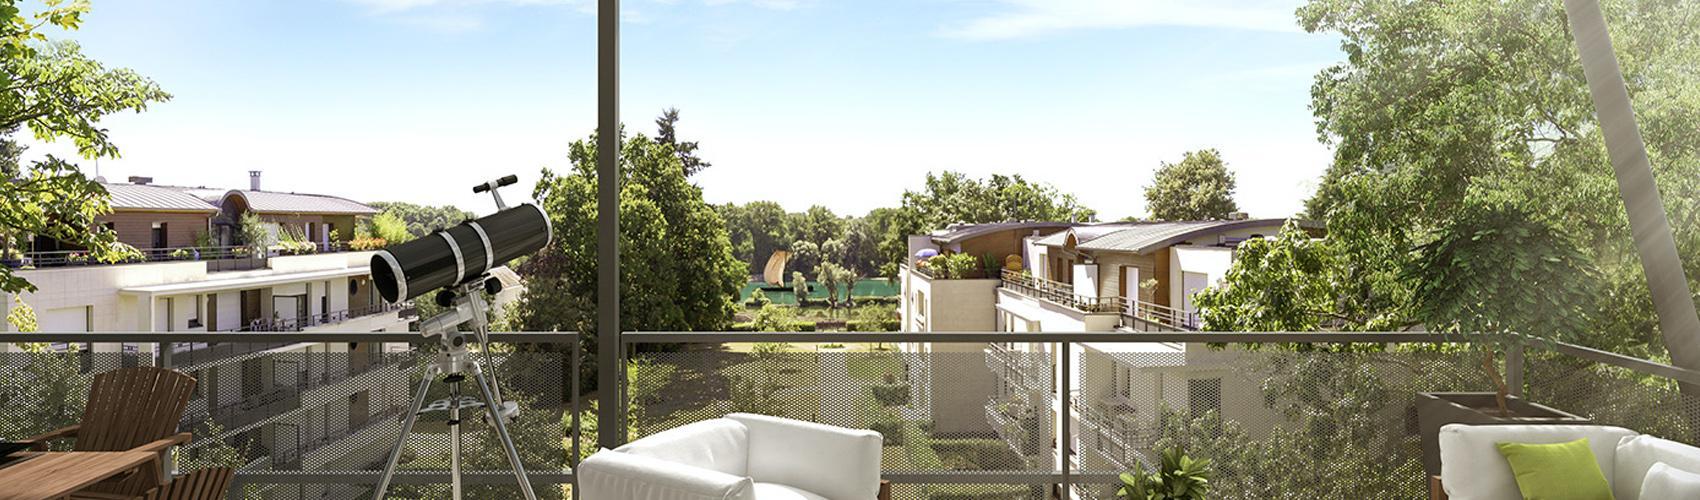 Photo du programme immobilier neuf CE-LOI-2137 à Saint-Jean-de-Braye